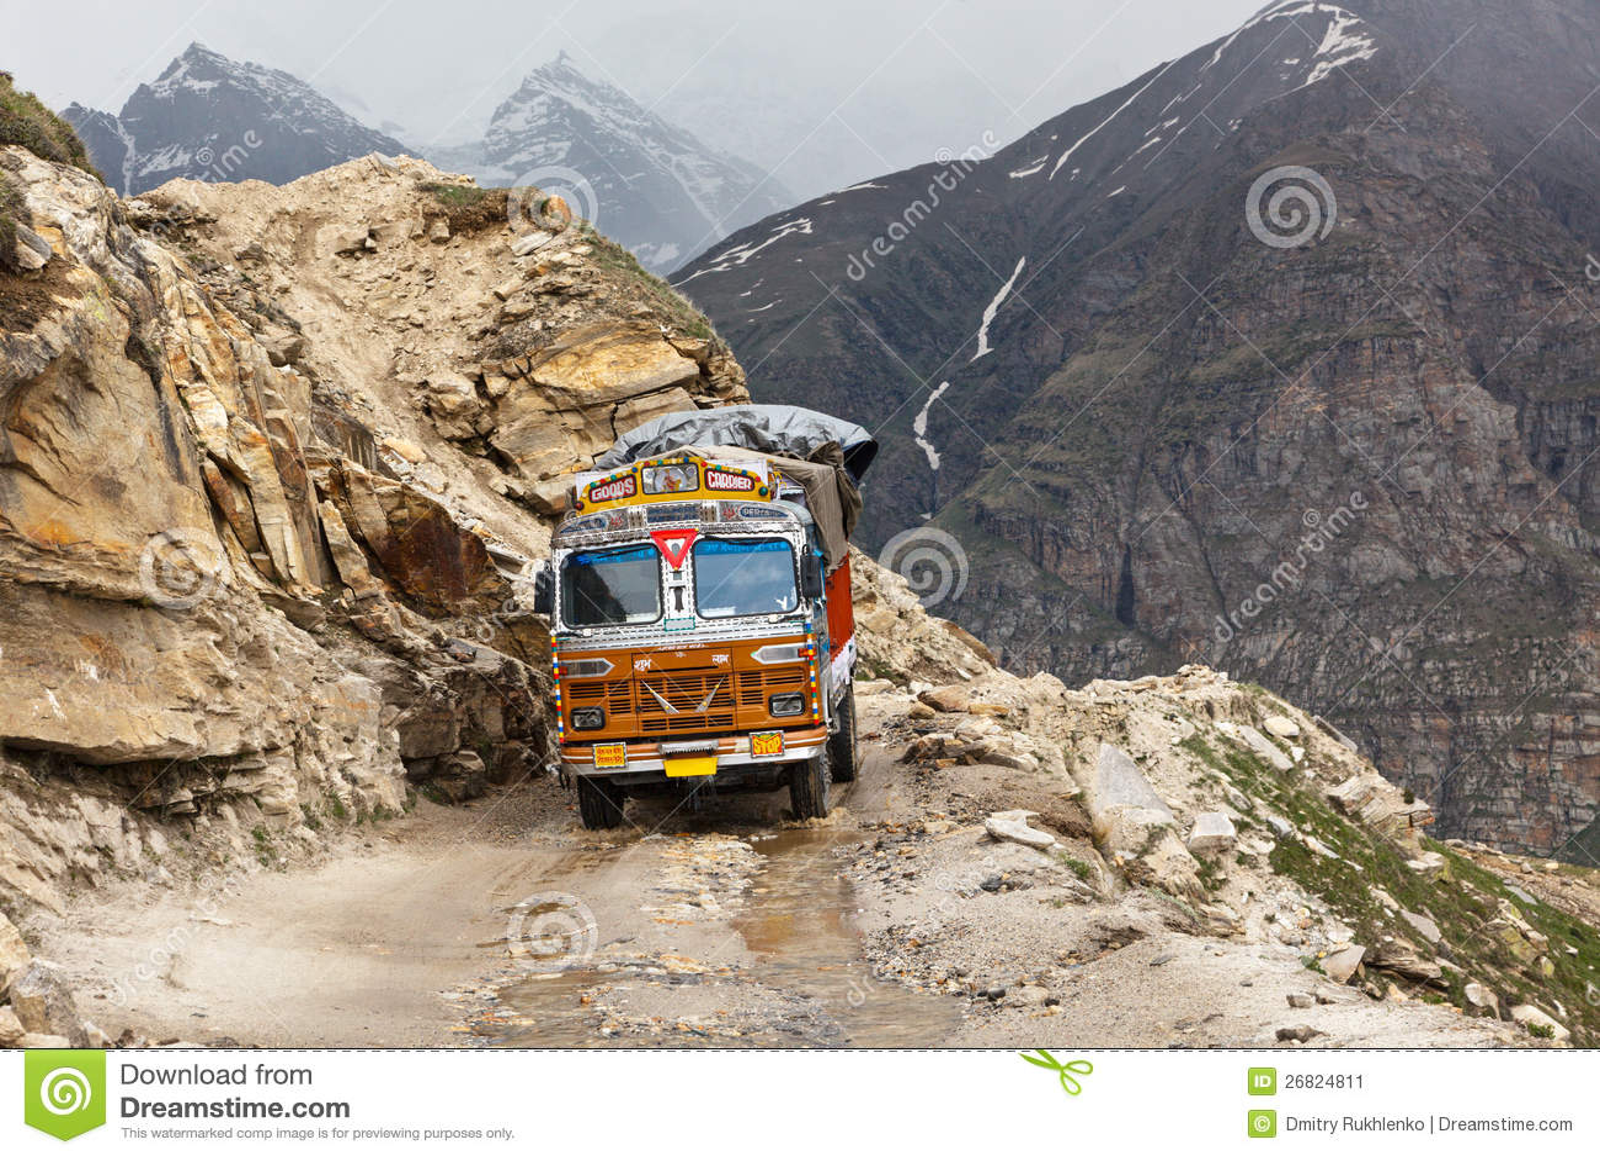 Route de Manali-Leh en Himalaya indien avec le camion